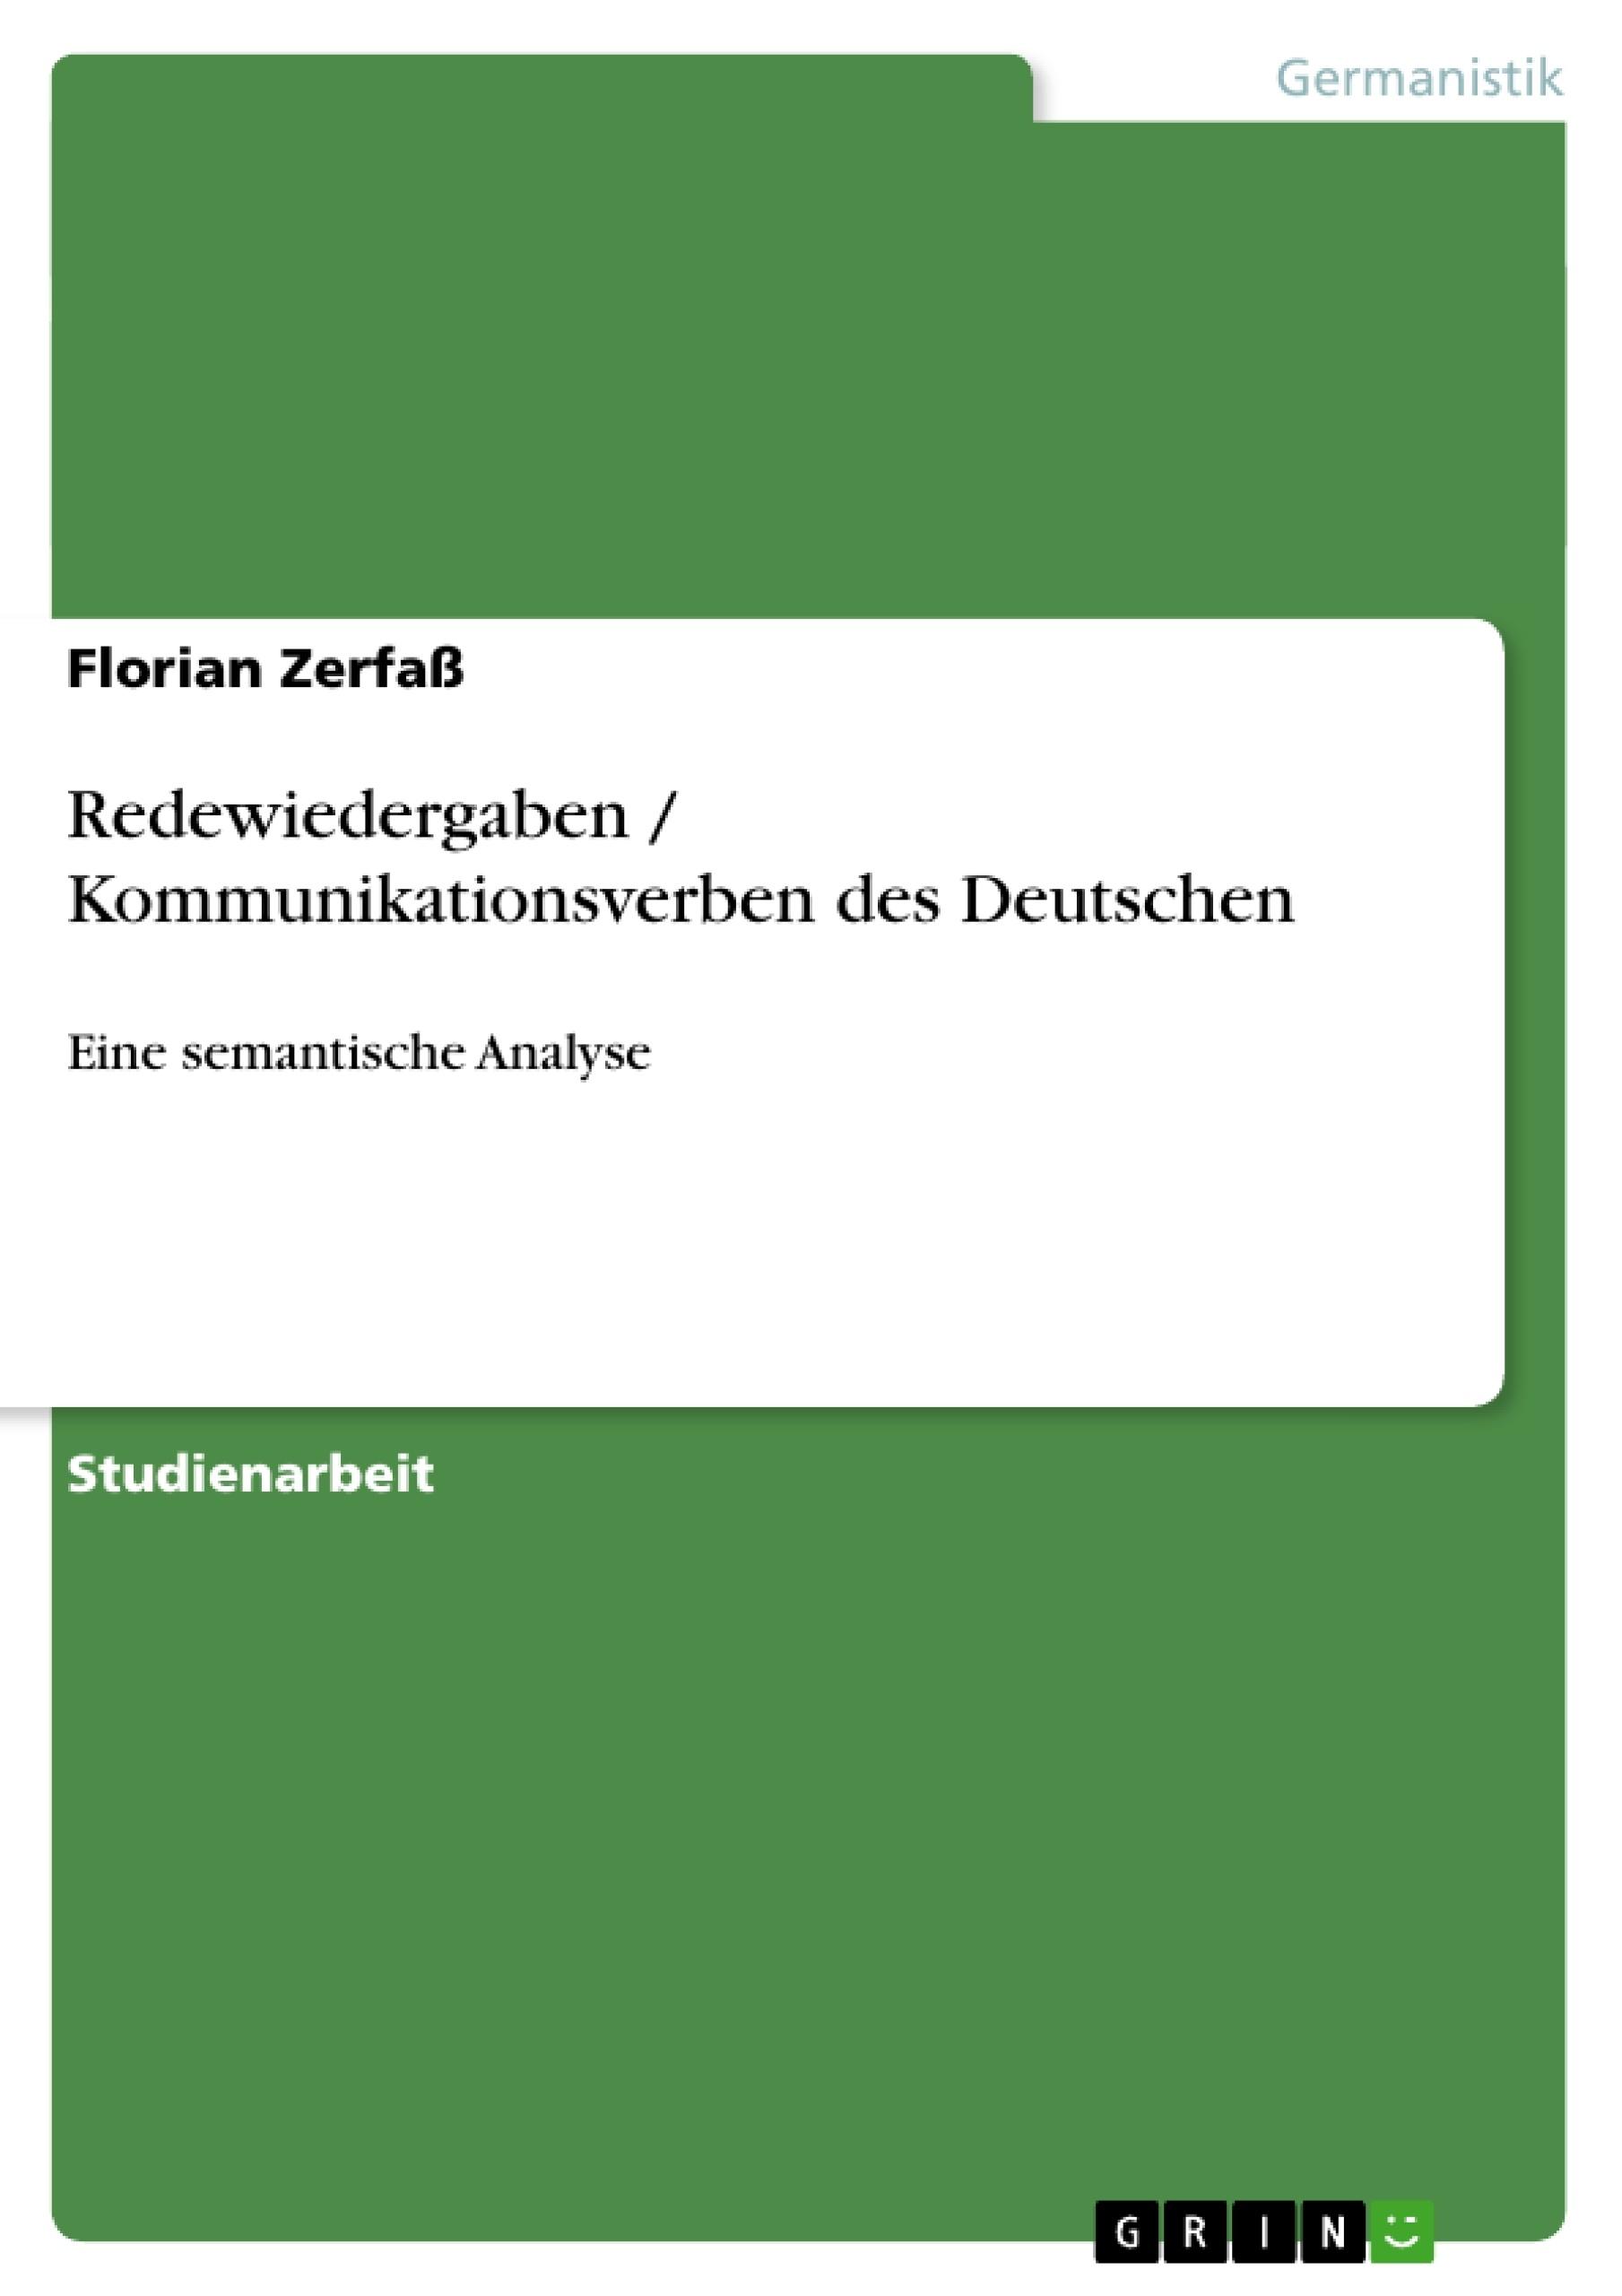 Titel: Redewiedergaben / Kommunikationsverben des Deutschen